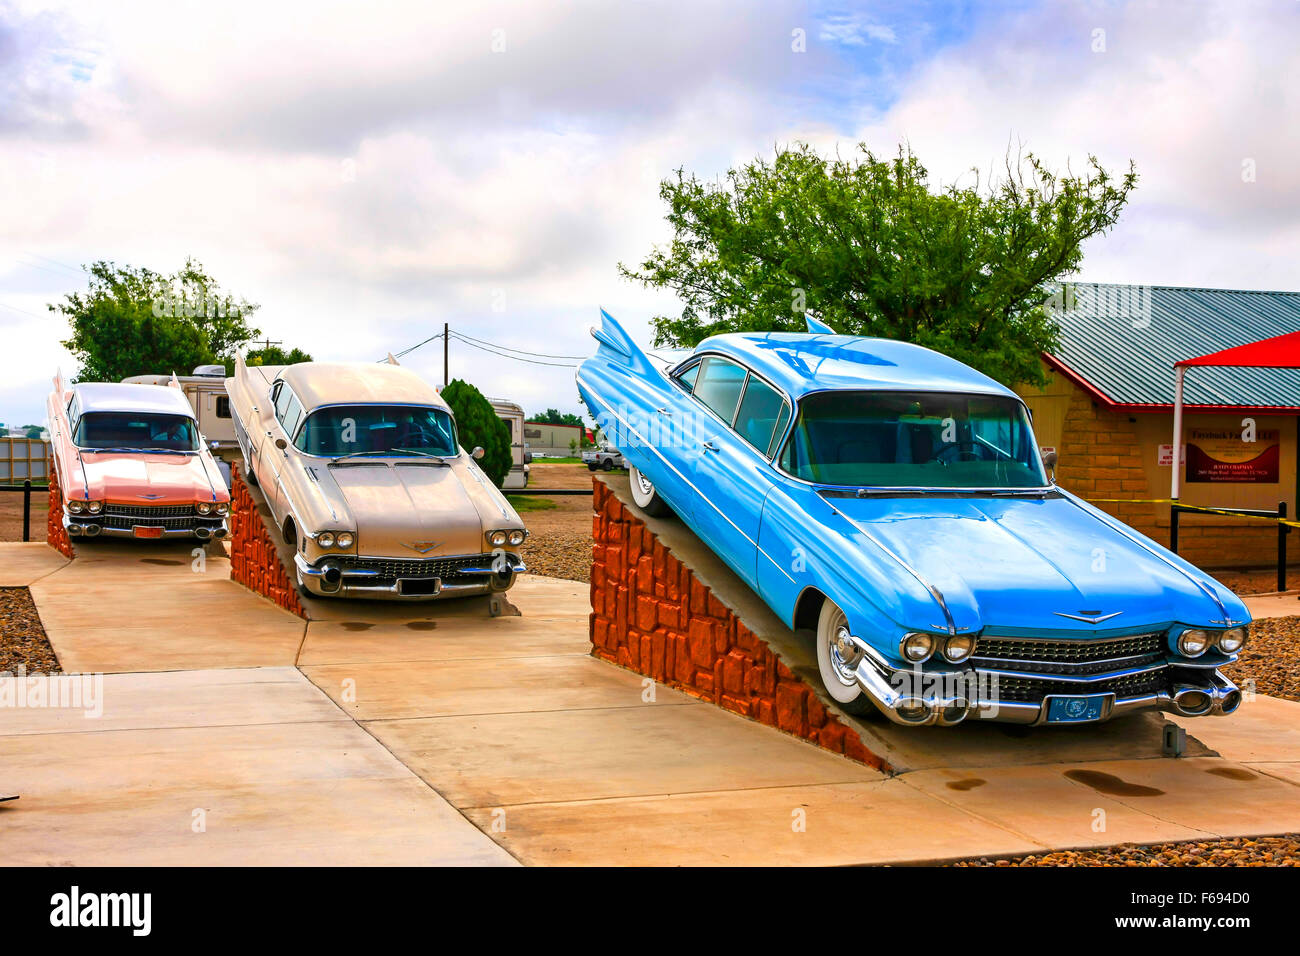 Cadillac Ranch Amarillo Tx Stock Photos & Cadillac Ranch